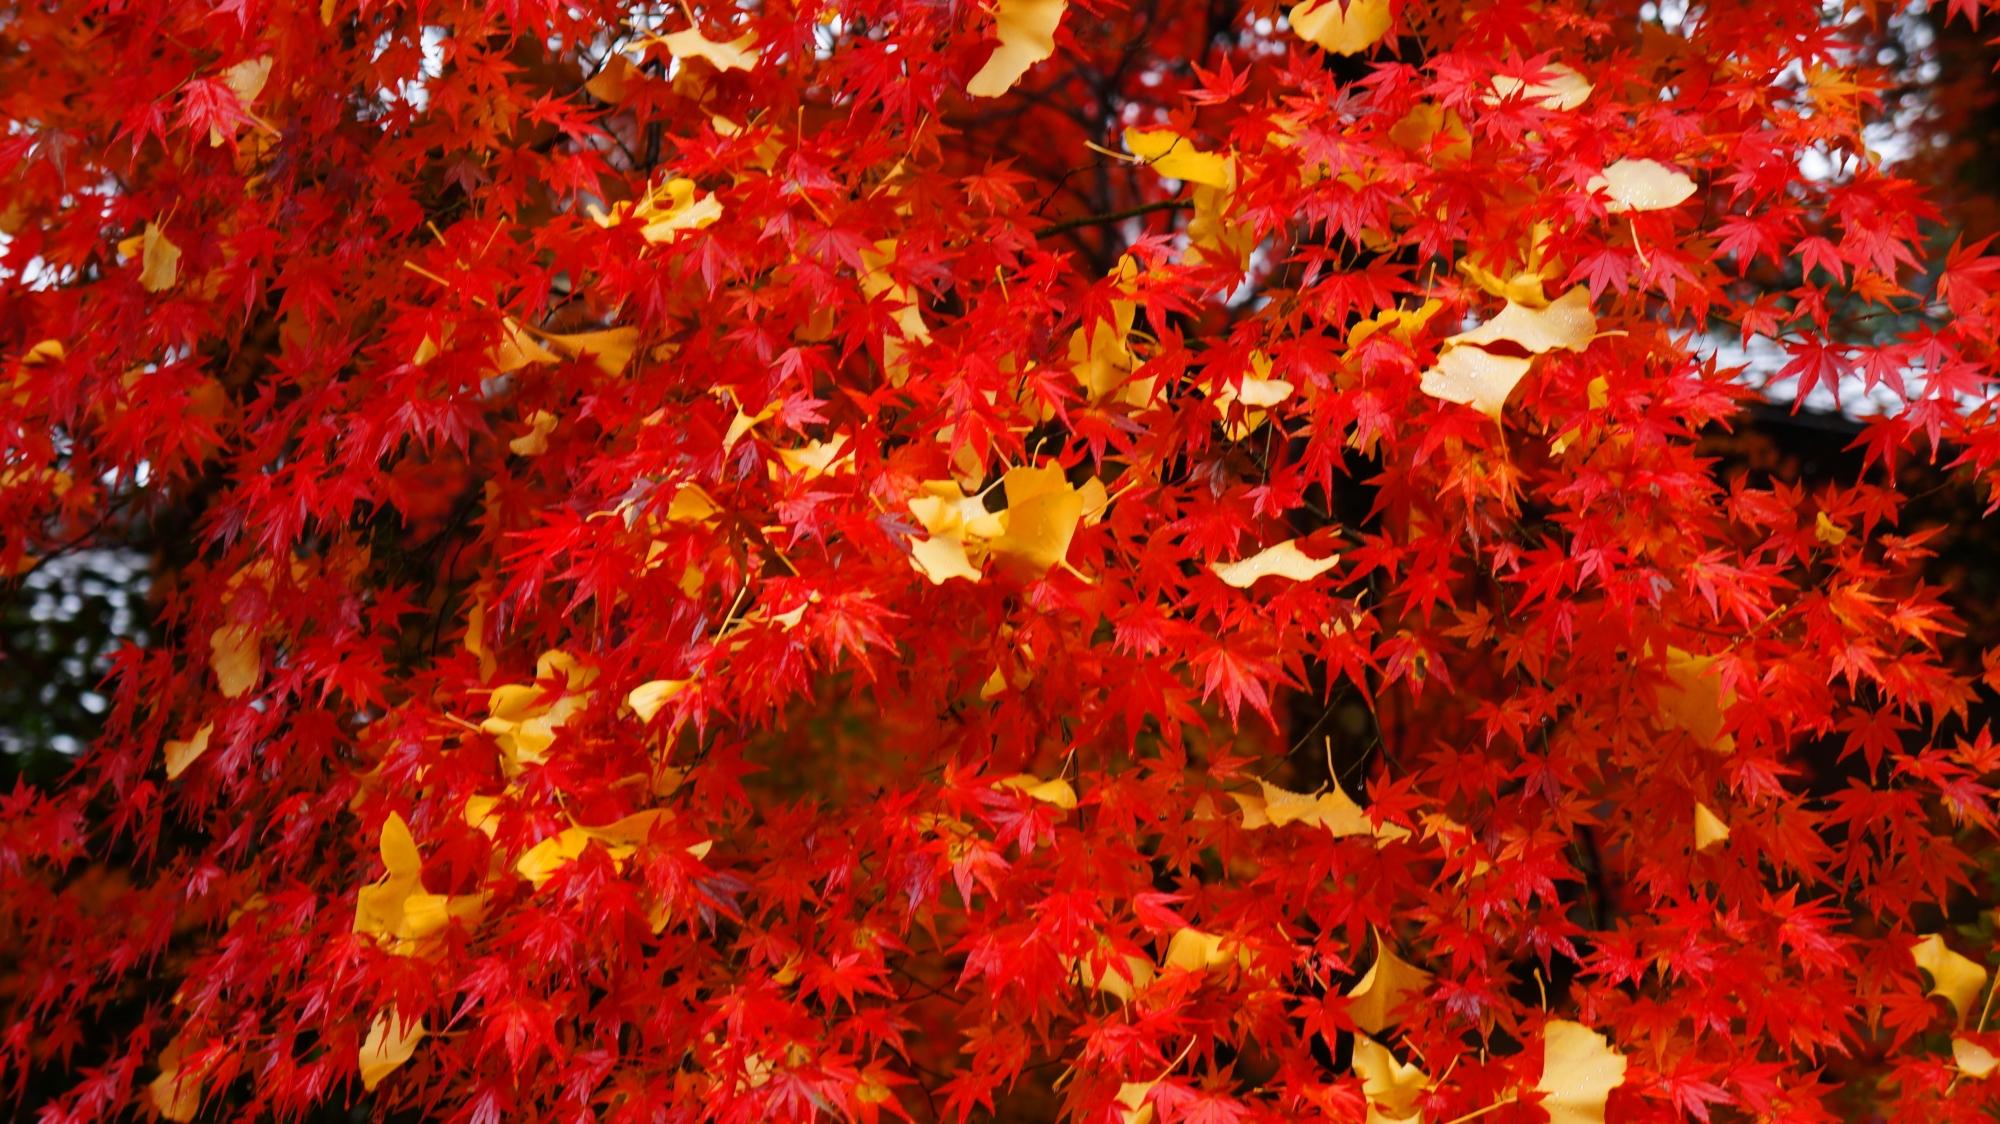 栖賢寺の真っ赤な紅葉に黄色い銀杏が散った秋の情景